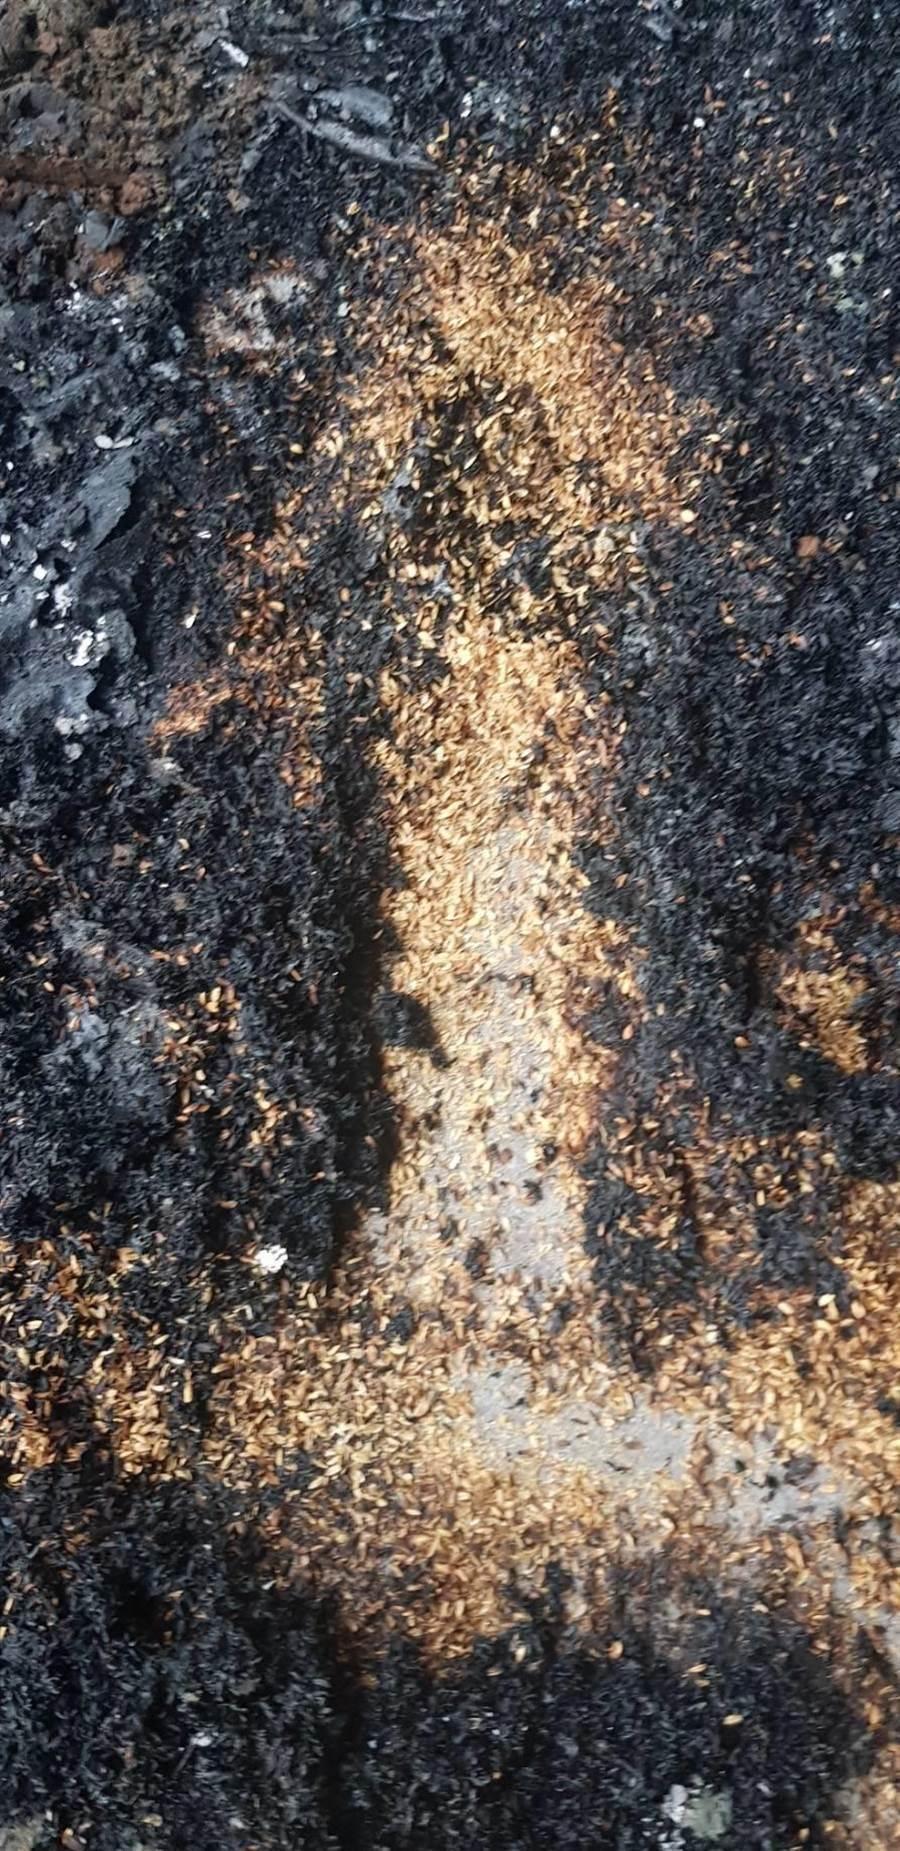 乾燥米糠燒得焦黑。(巫靜婷翻攝)